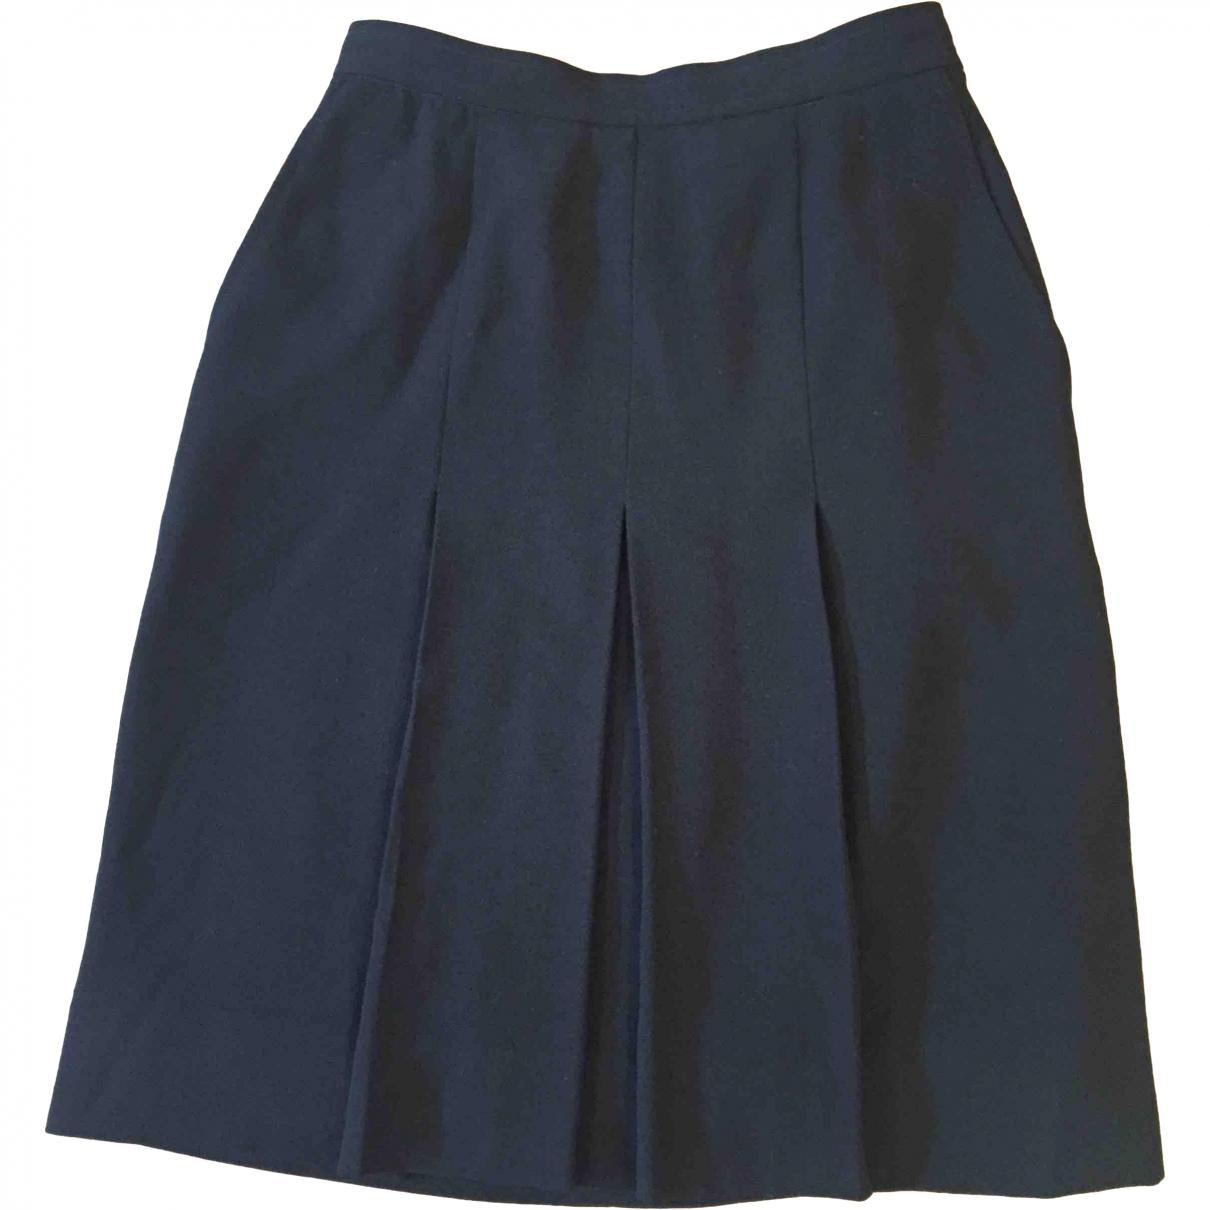 Yves Saint Laurent \N Black Wool skirt for Women 38 FR